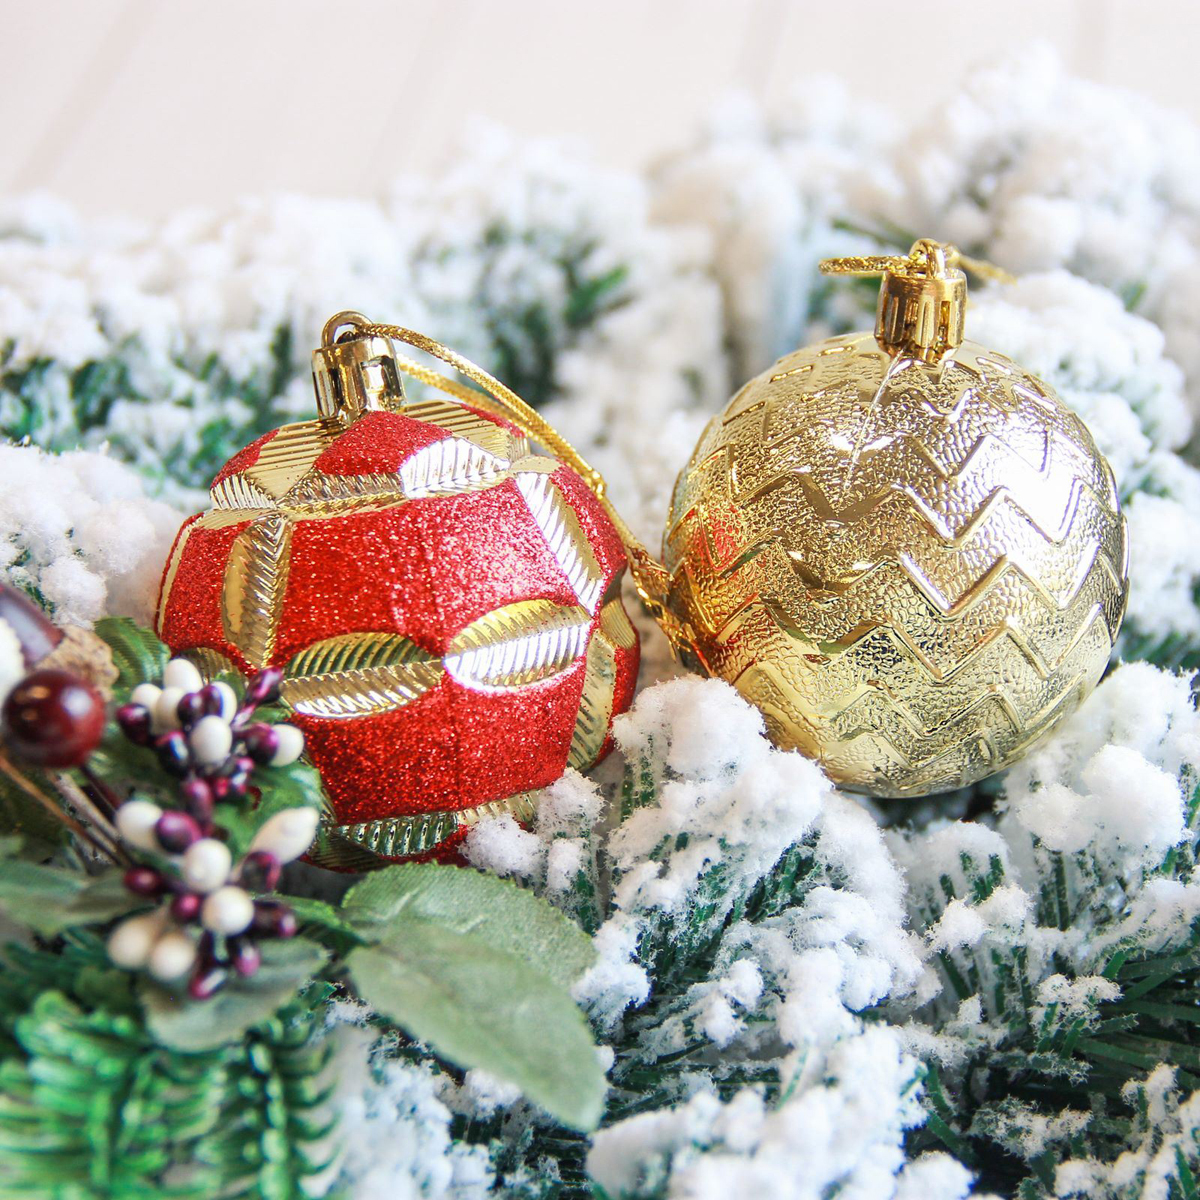 Набор новогодних подвесных украшений Sima-land Аллегро, цвет: желтый, диаметр 6 см, 9 шт2122887Невозможно представить нашу жизнь без праздников! Мы всегда ждём их и предвкушаем, обдумываем, как проведём памятный день, тщательно выбираем подарки и аксессуары, ведь именно они создают и поддерживают торжественный настрой.